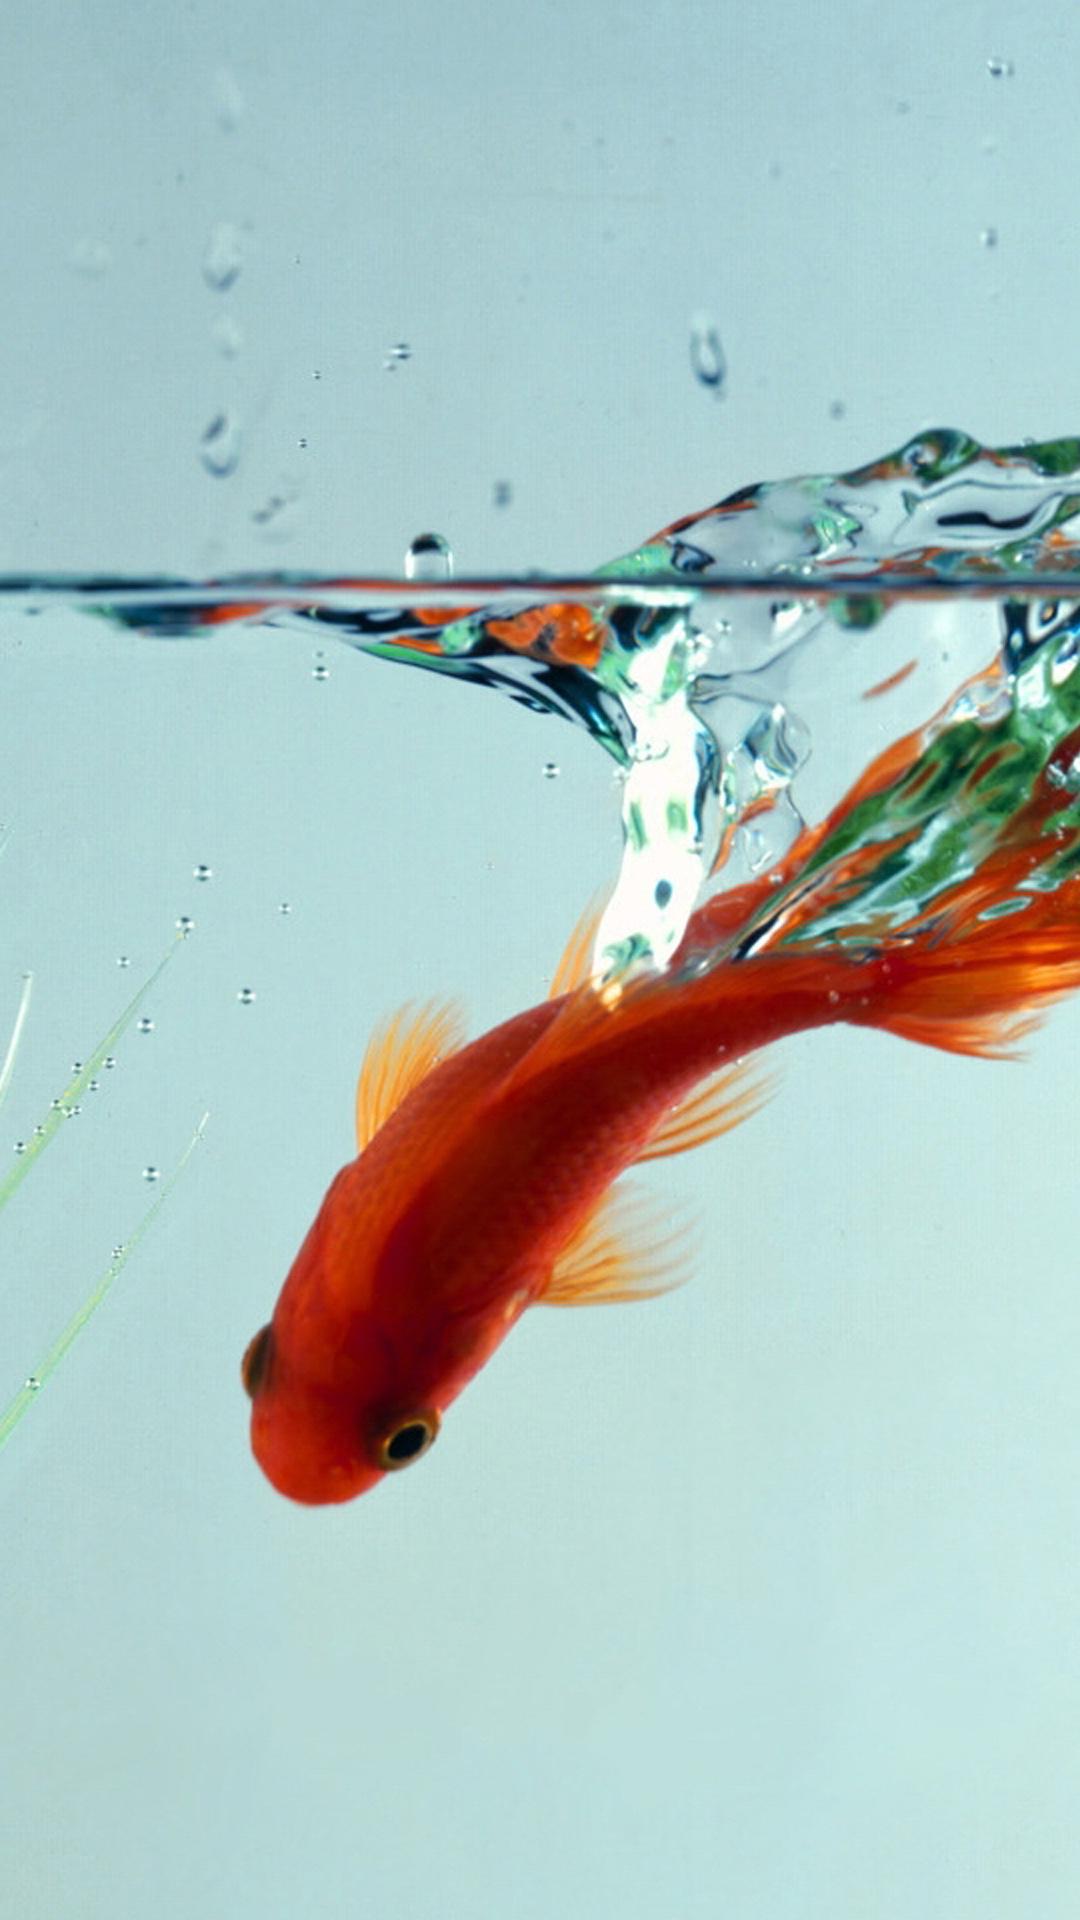 Wallpaper iphone fish - Iphone 6 Plus Fish Hd Wallpaper